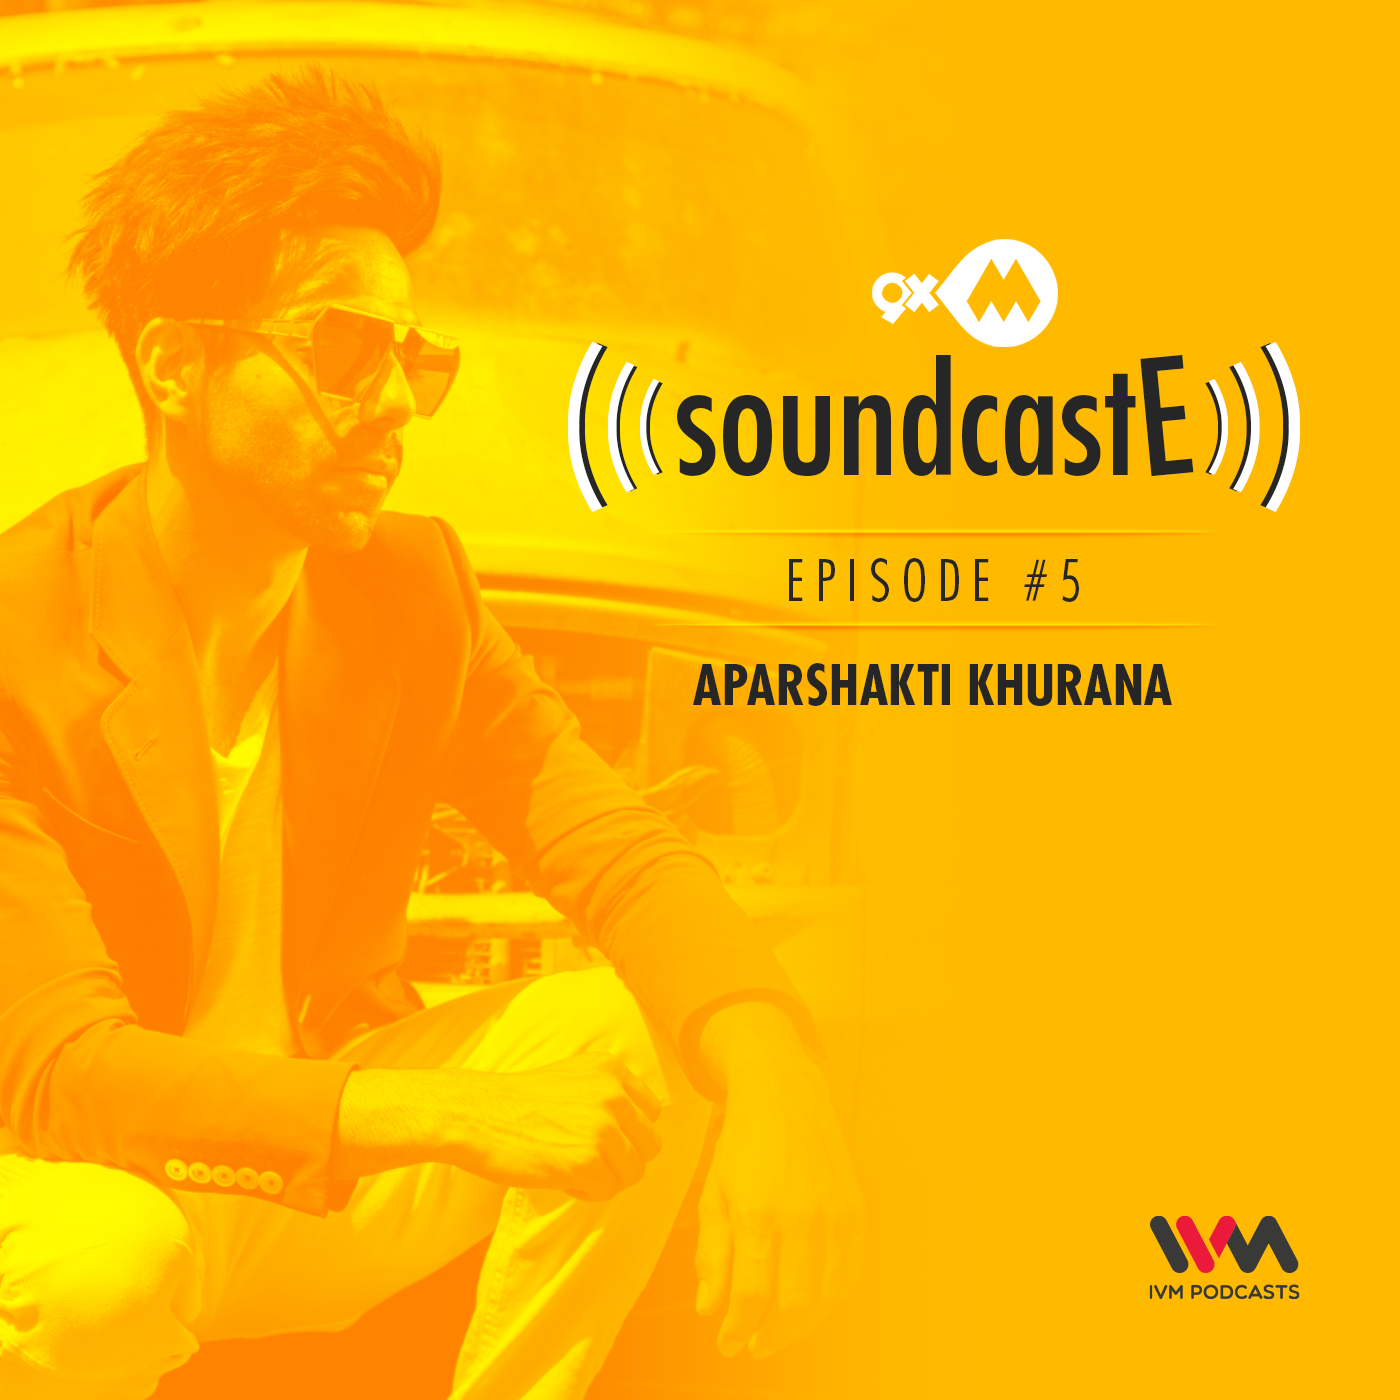 Ep. 05: 9XM SoundcastE with Aparshakti Khurana